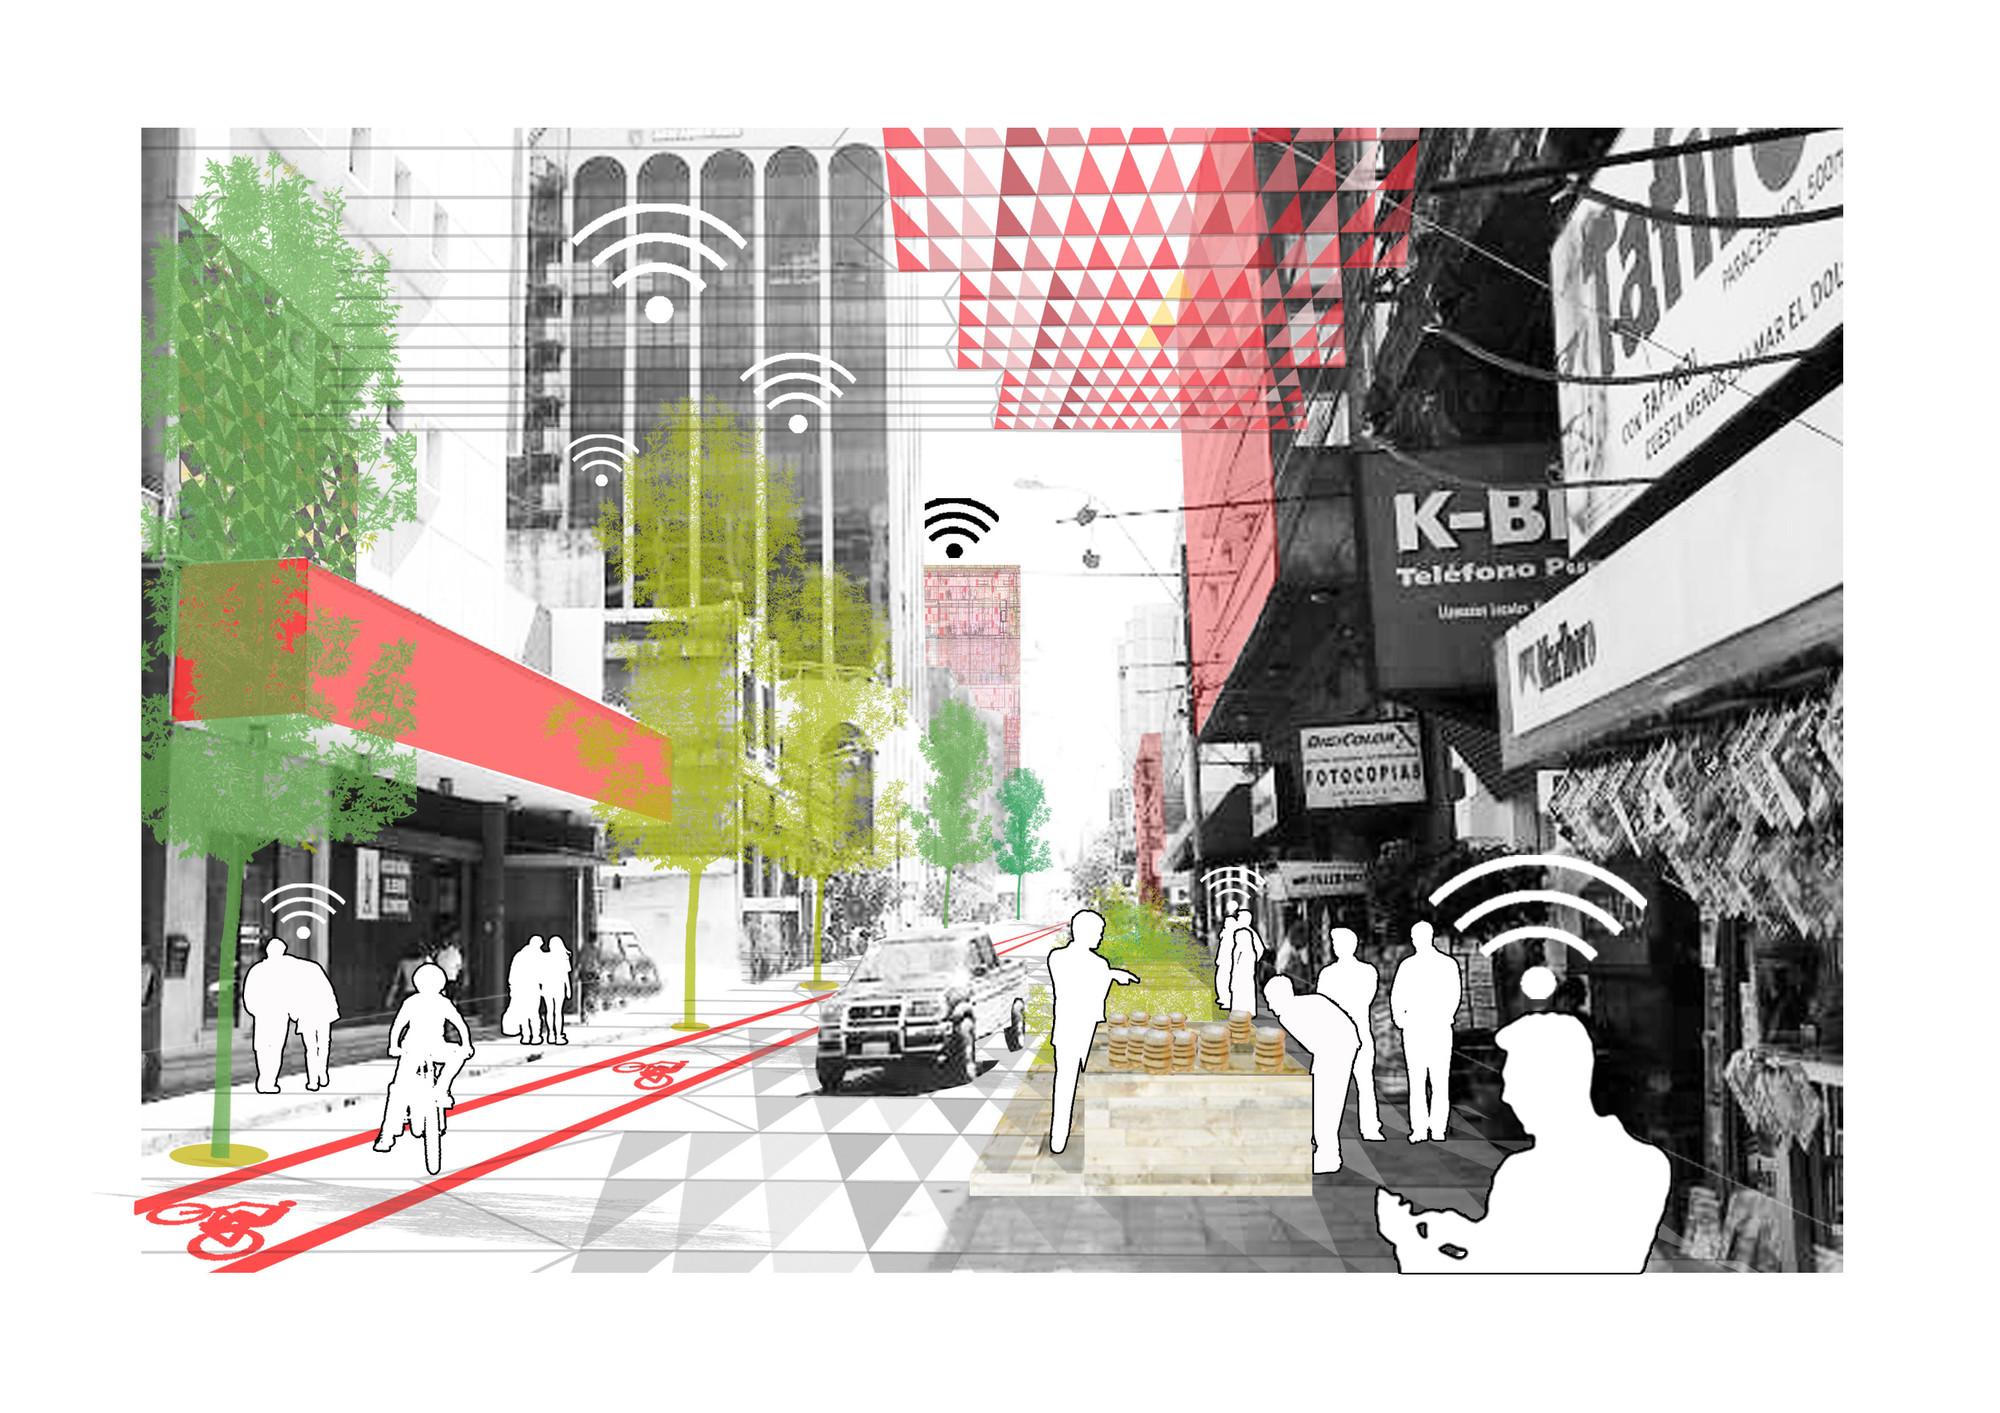 Recreación gráfica del corredor dinámico, calle con tráfico rodado.. Image © Ecosistema Urbano